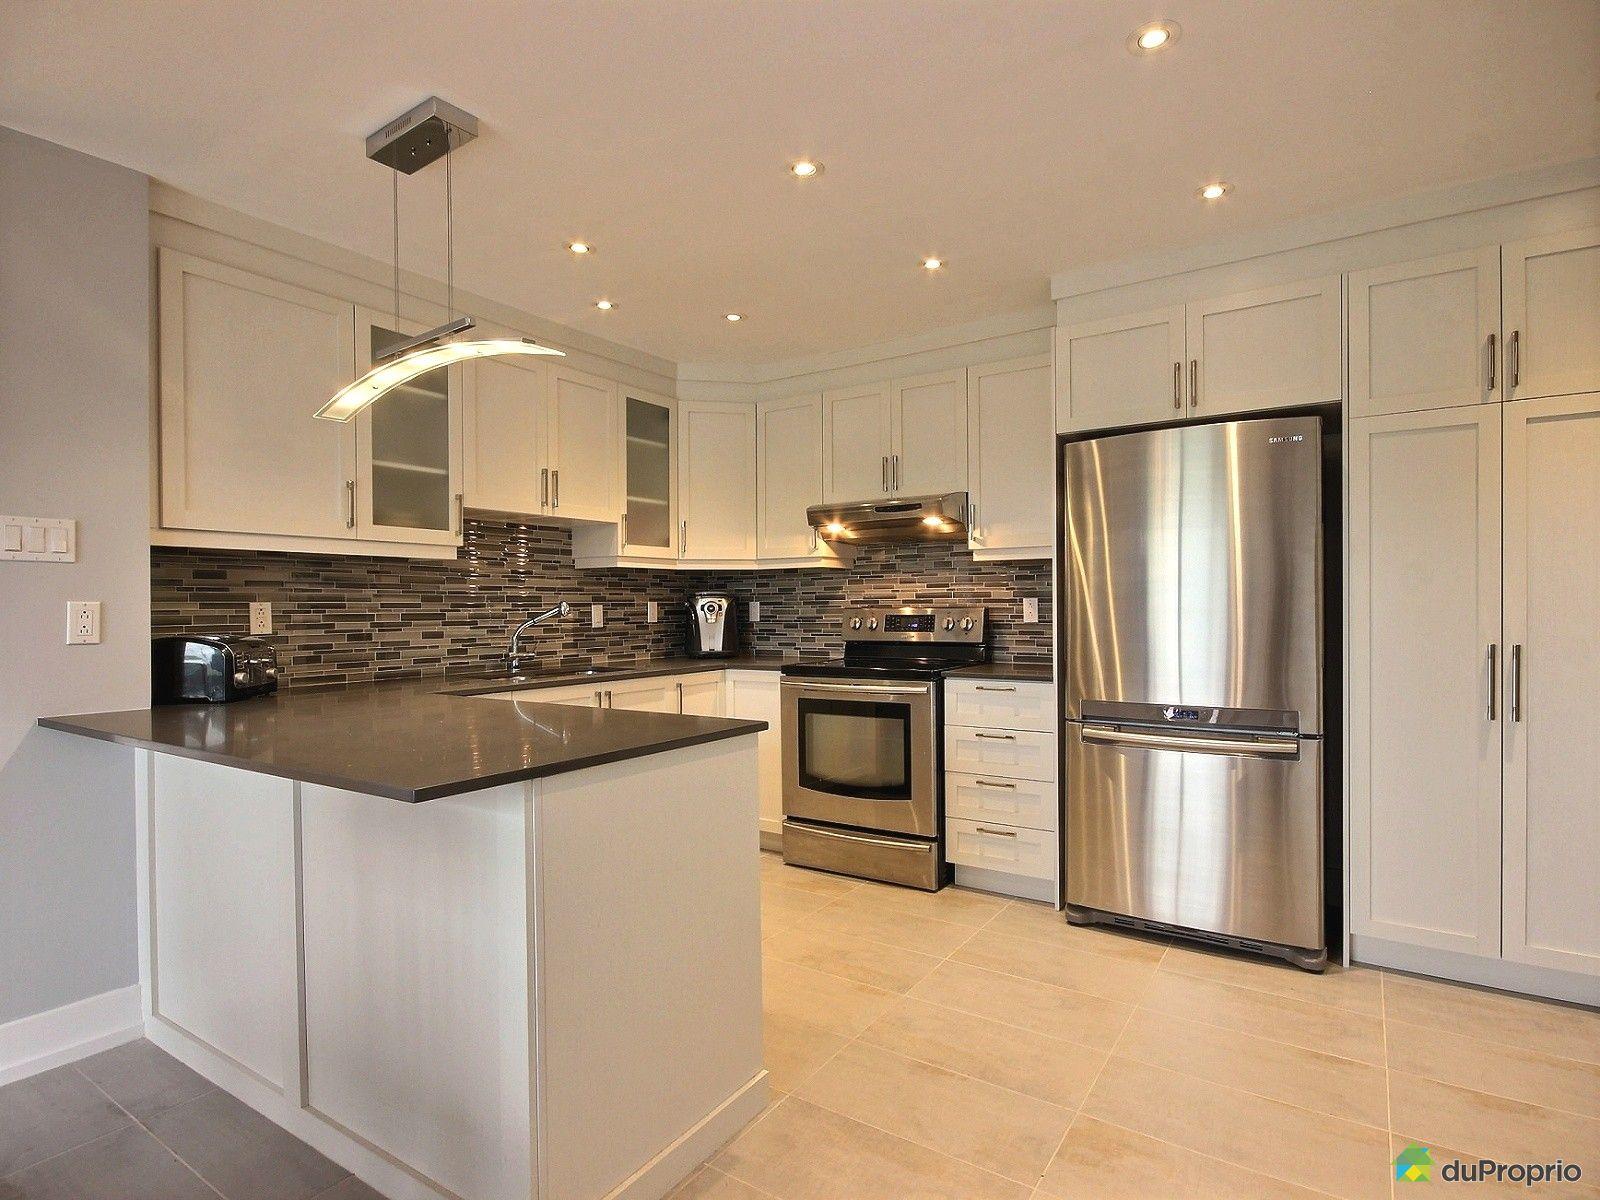 Maison à vendre Boucherville, 932, rue Nicole Lemaire ...